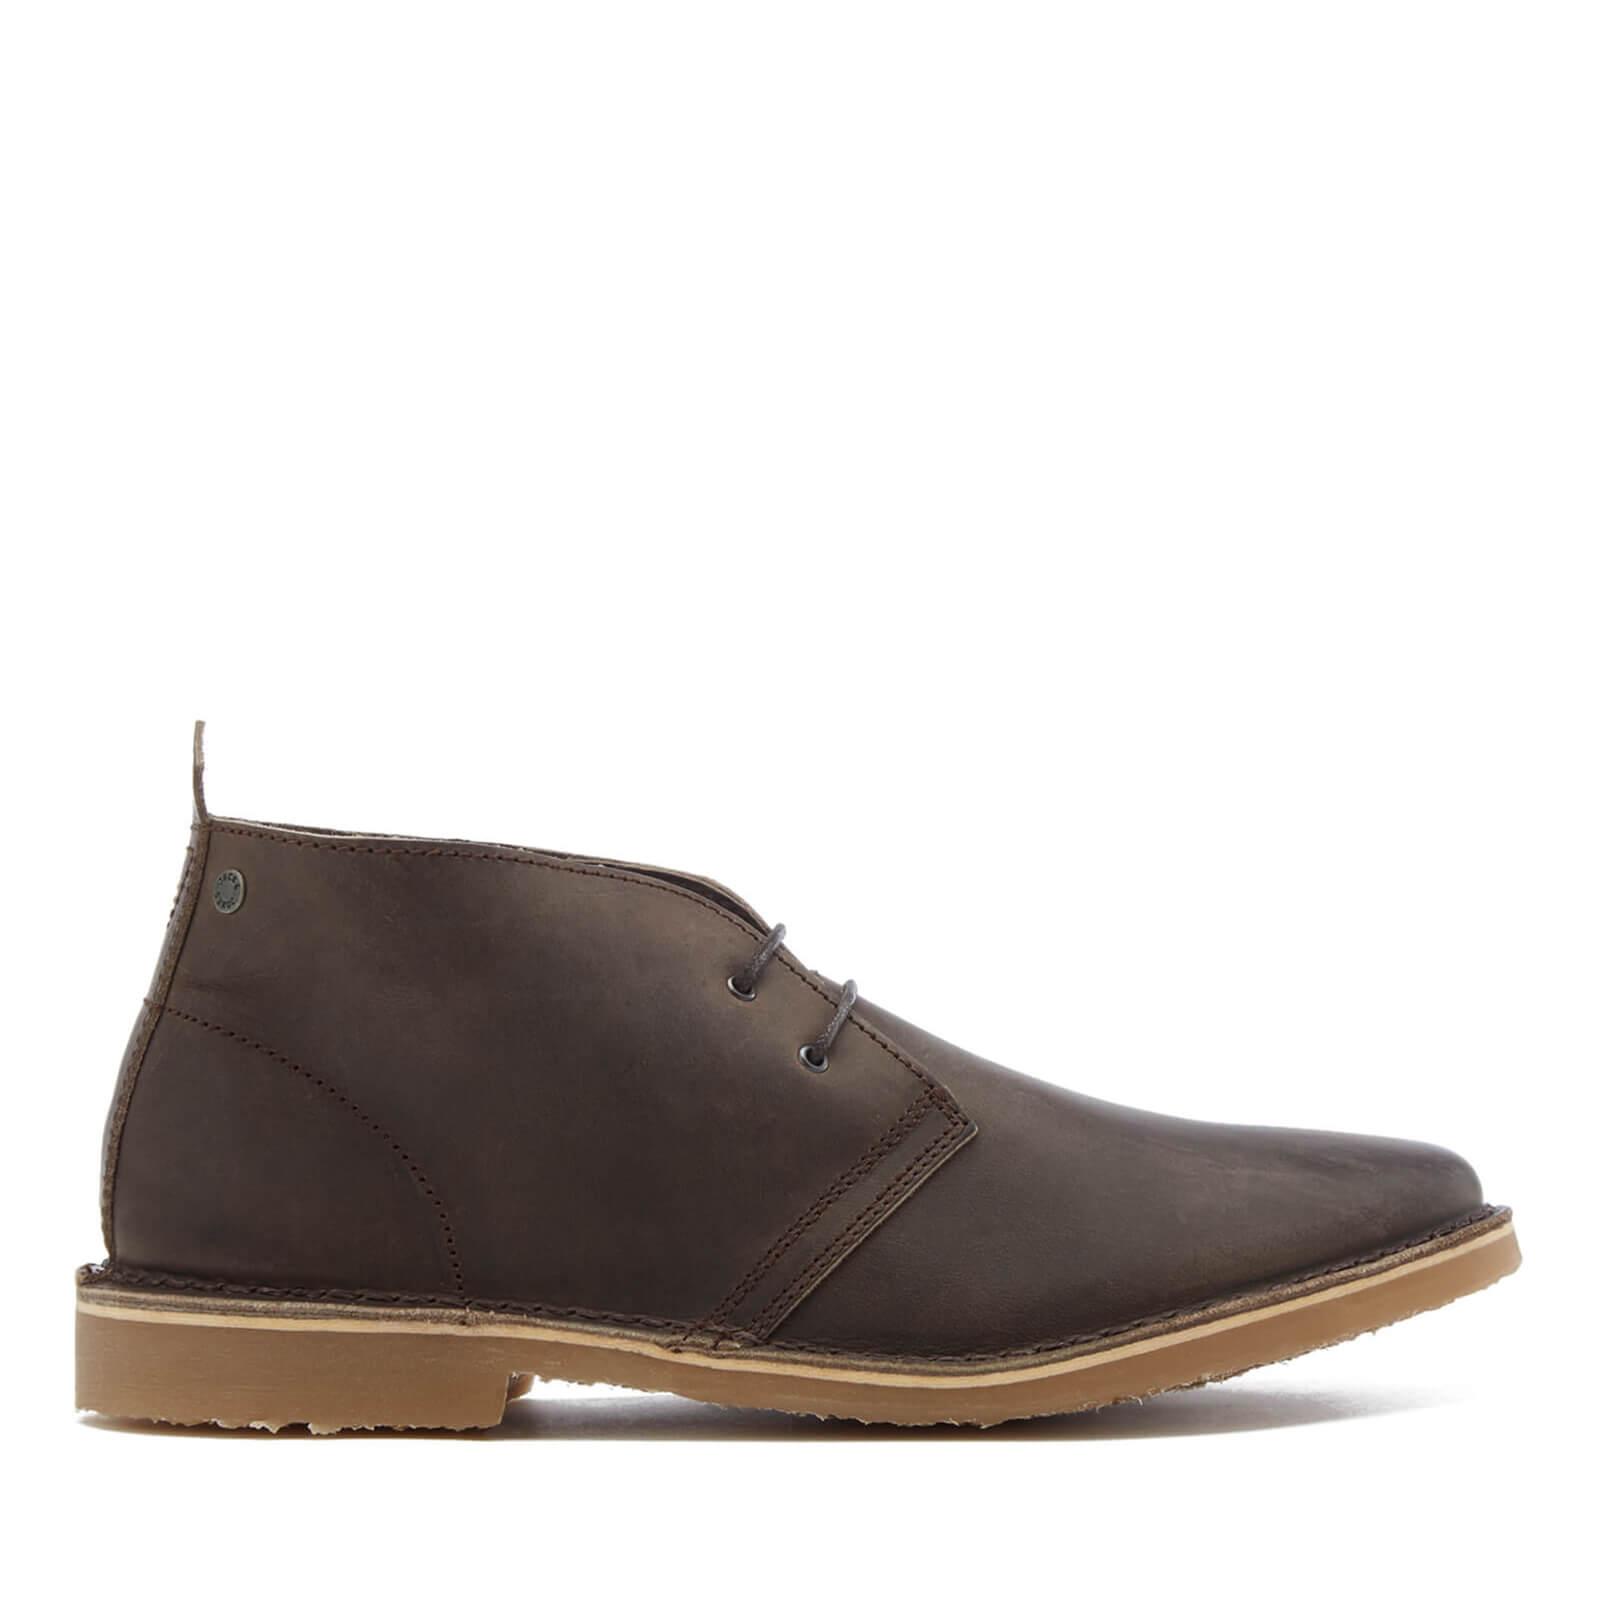 Homme Cuir Gobi Jones Chocolat Chaussures Jackamp; Désert gfYbv76y